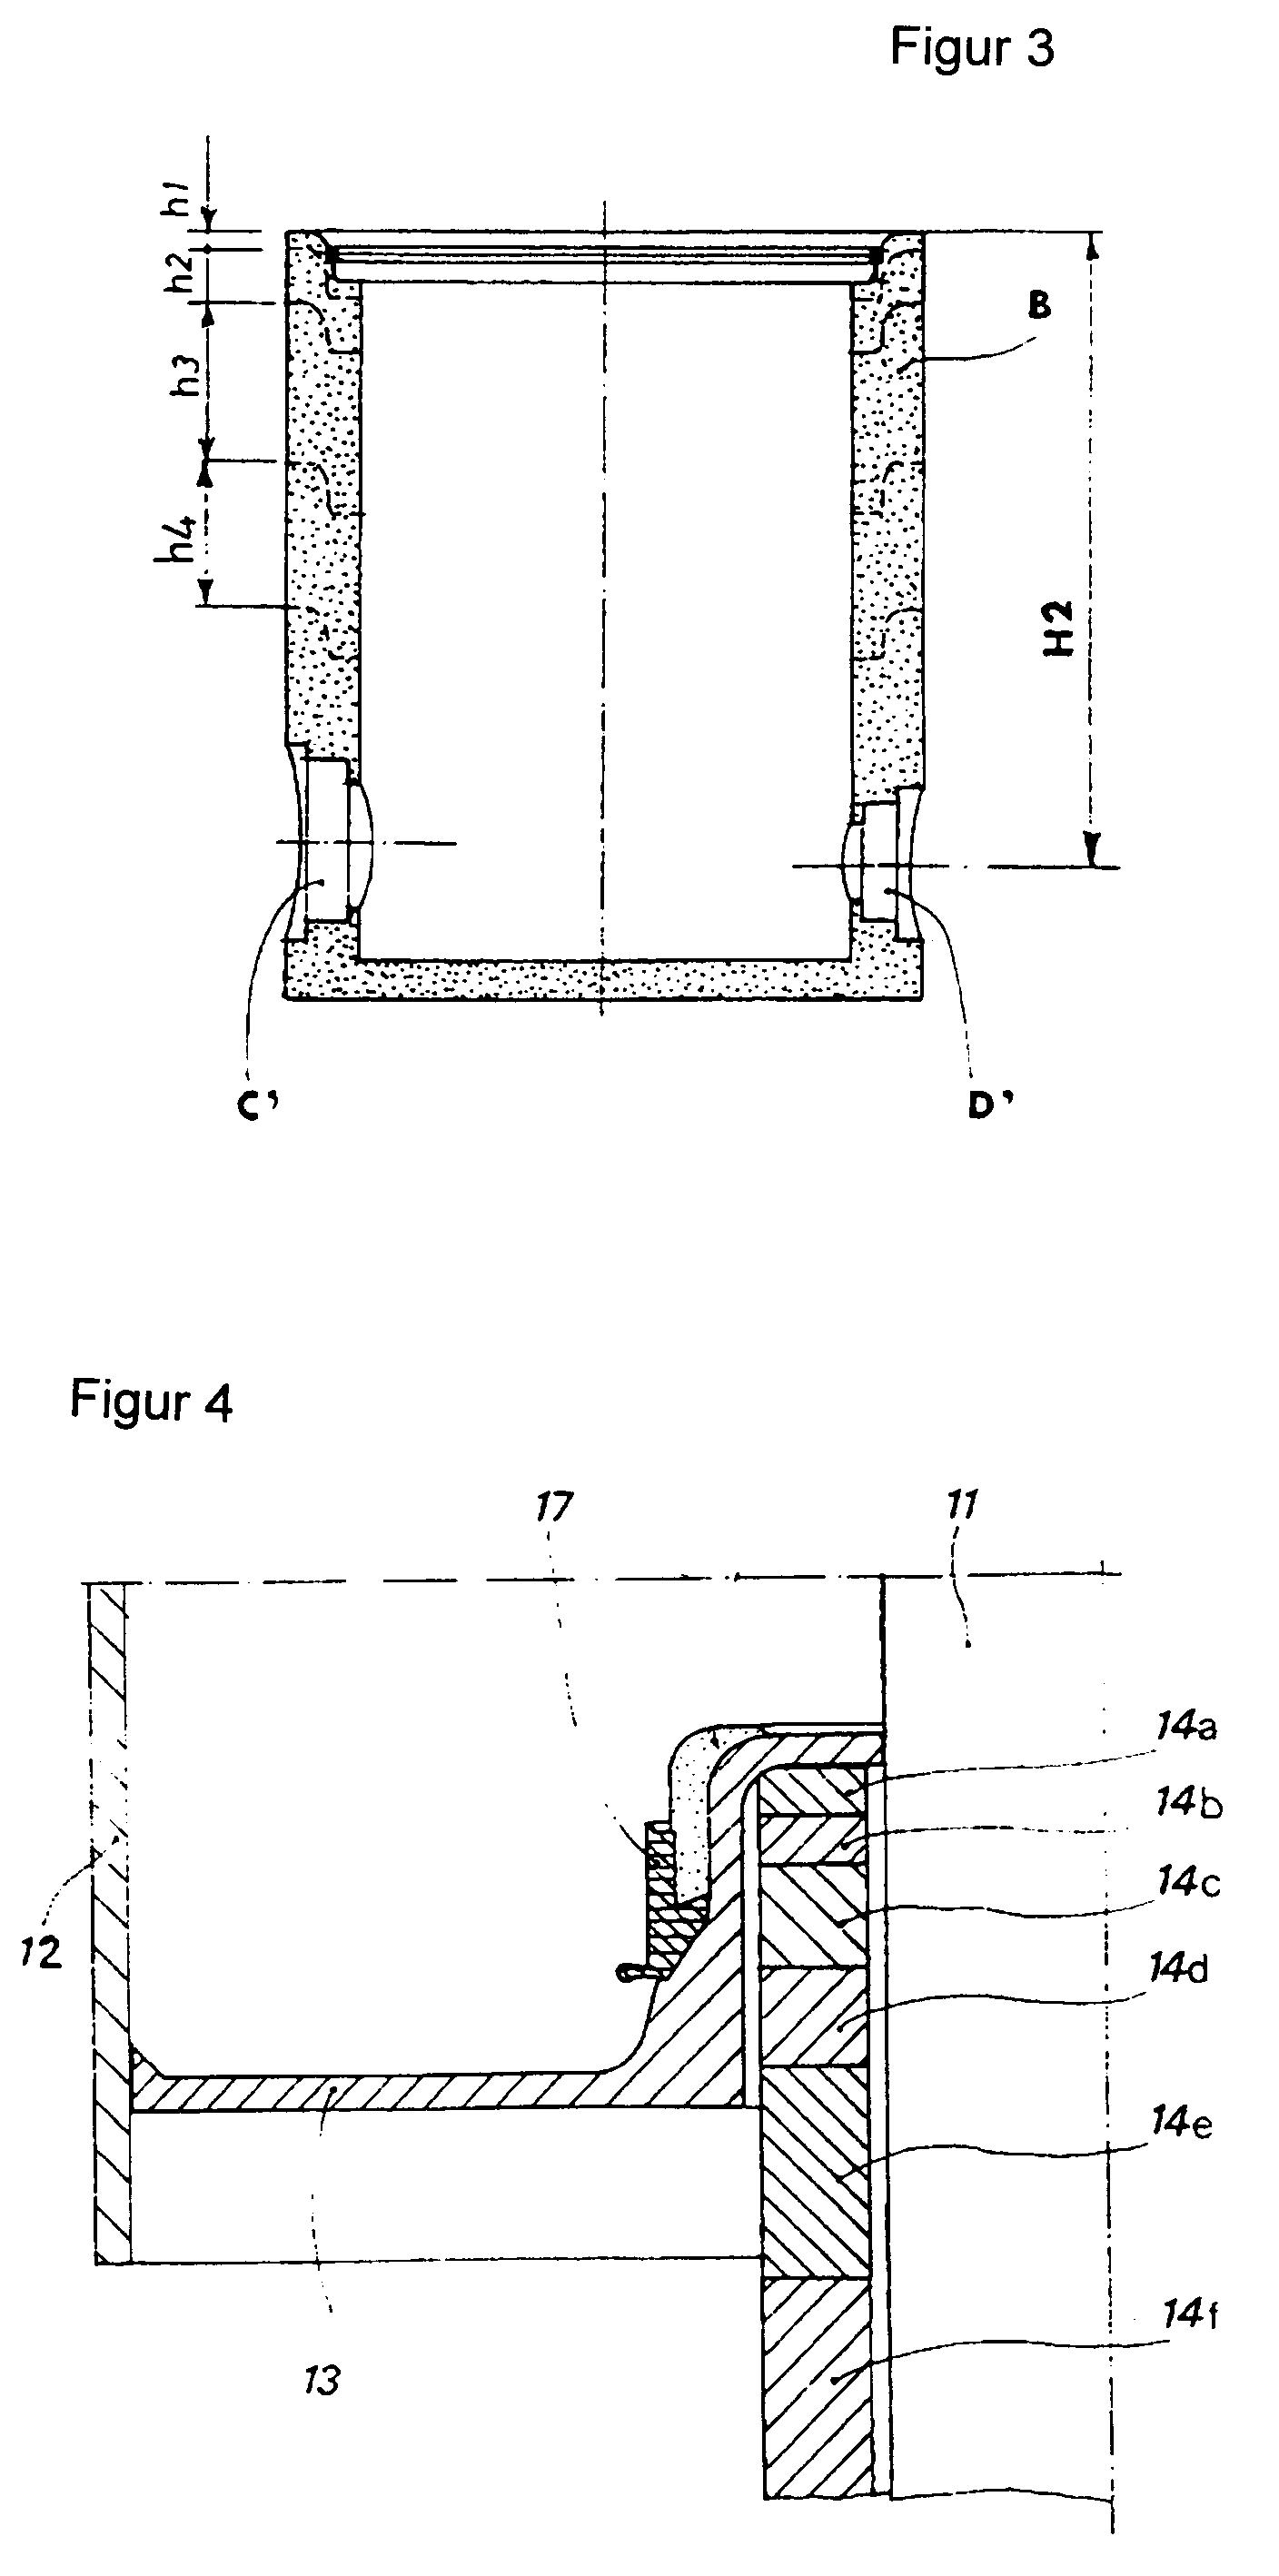 patente ep0791692a1 proc d de fabrication d 39 un puits de contr le et puits obtenu suivant ce. Black Bedroom Furniture Sets. Home Design Ideas